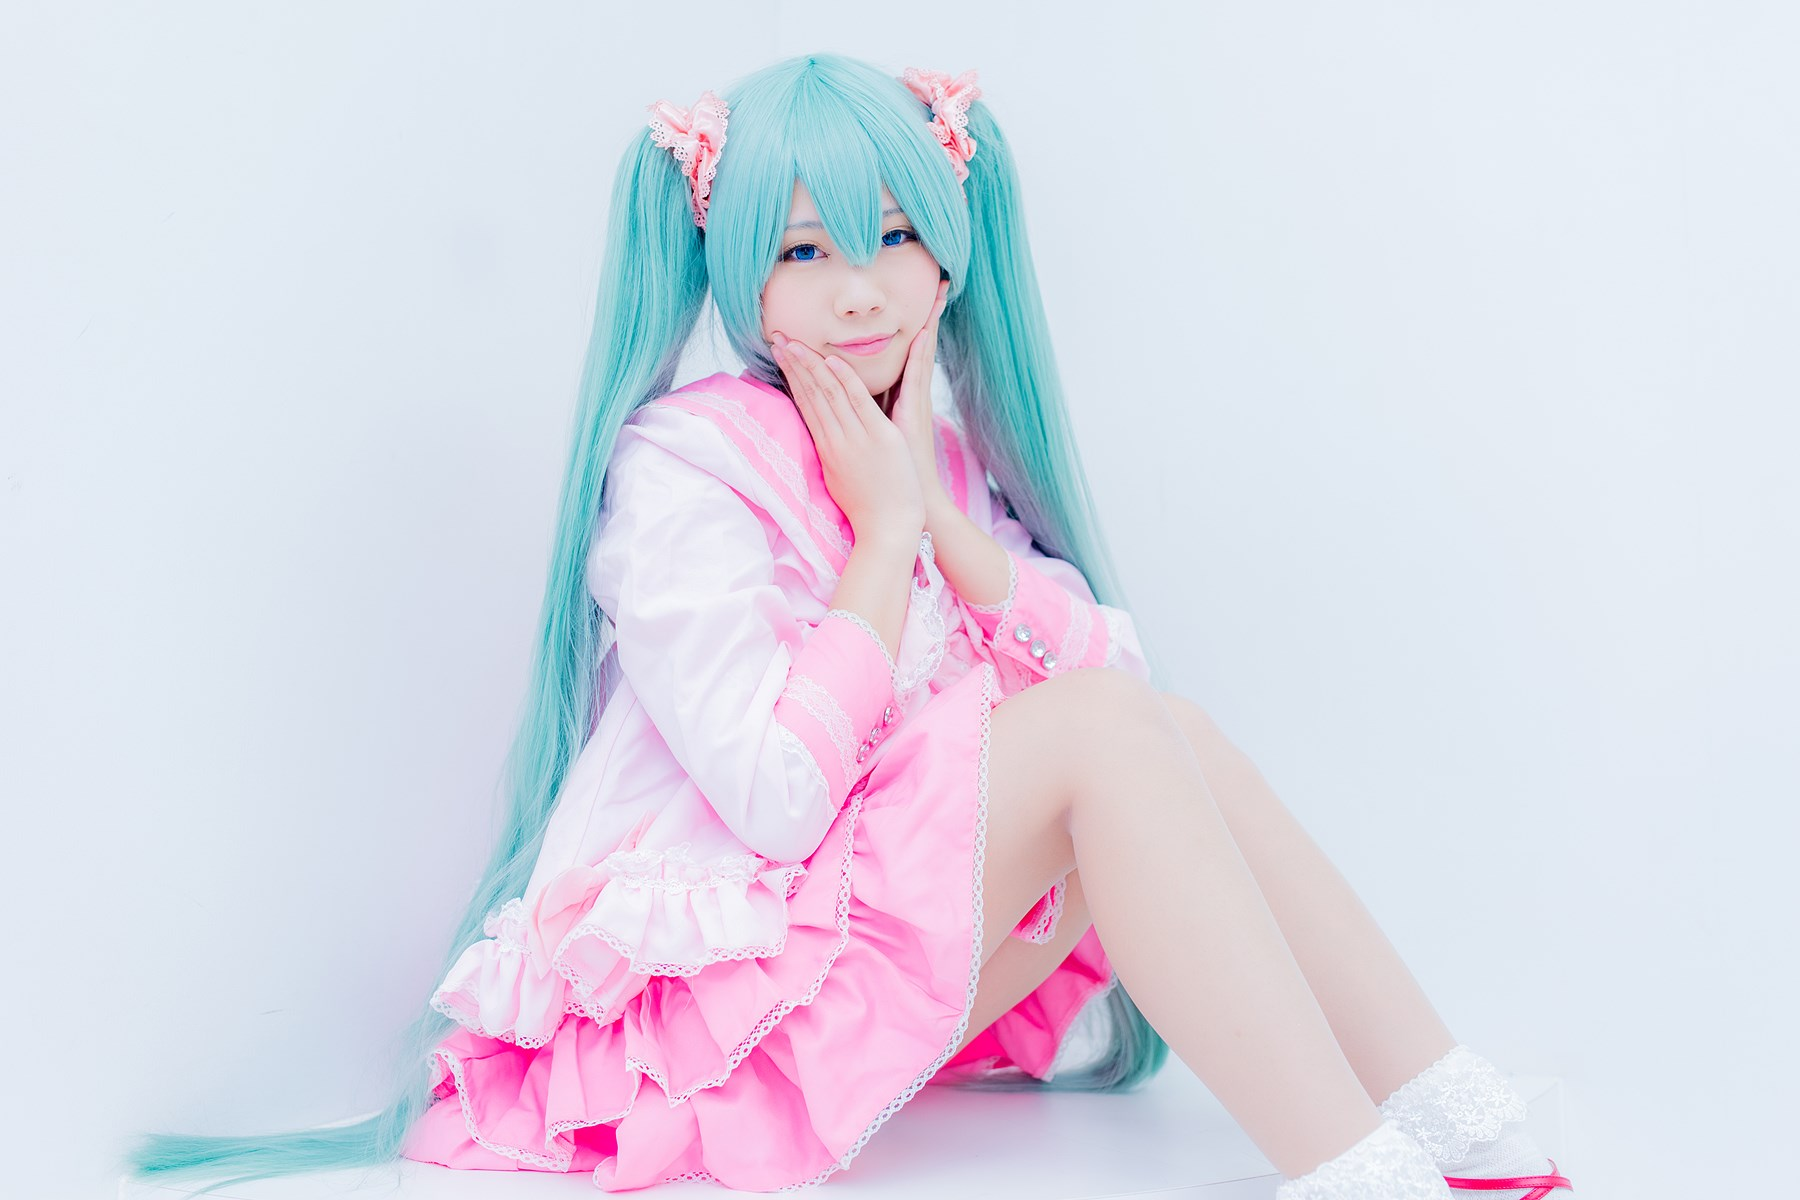 【兔玩映画】mikumiku 兔玩映画 第22张